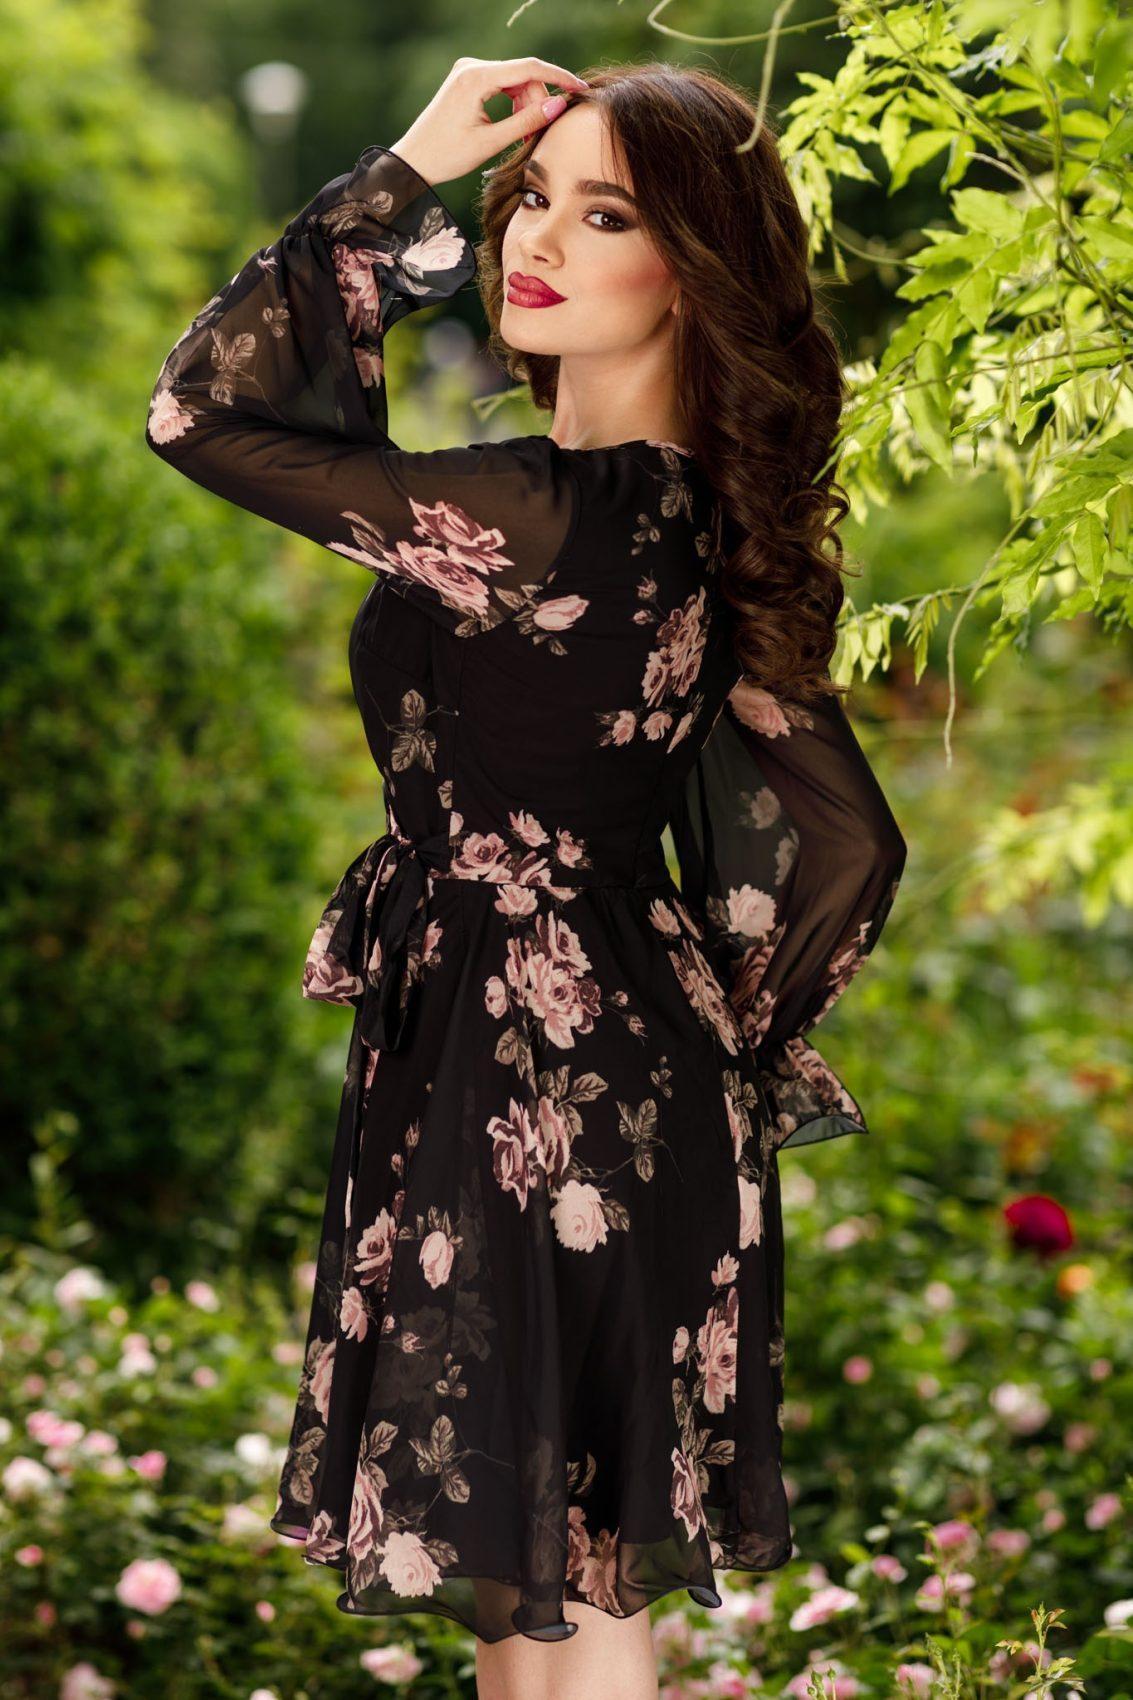 Μαύρο Φόρεμα Με Σομόν Λουλούδια Simine 7451